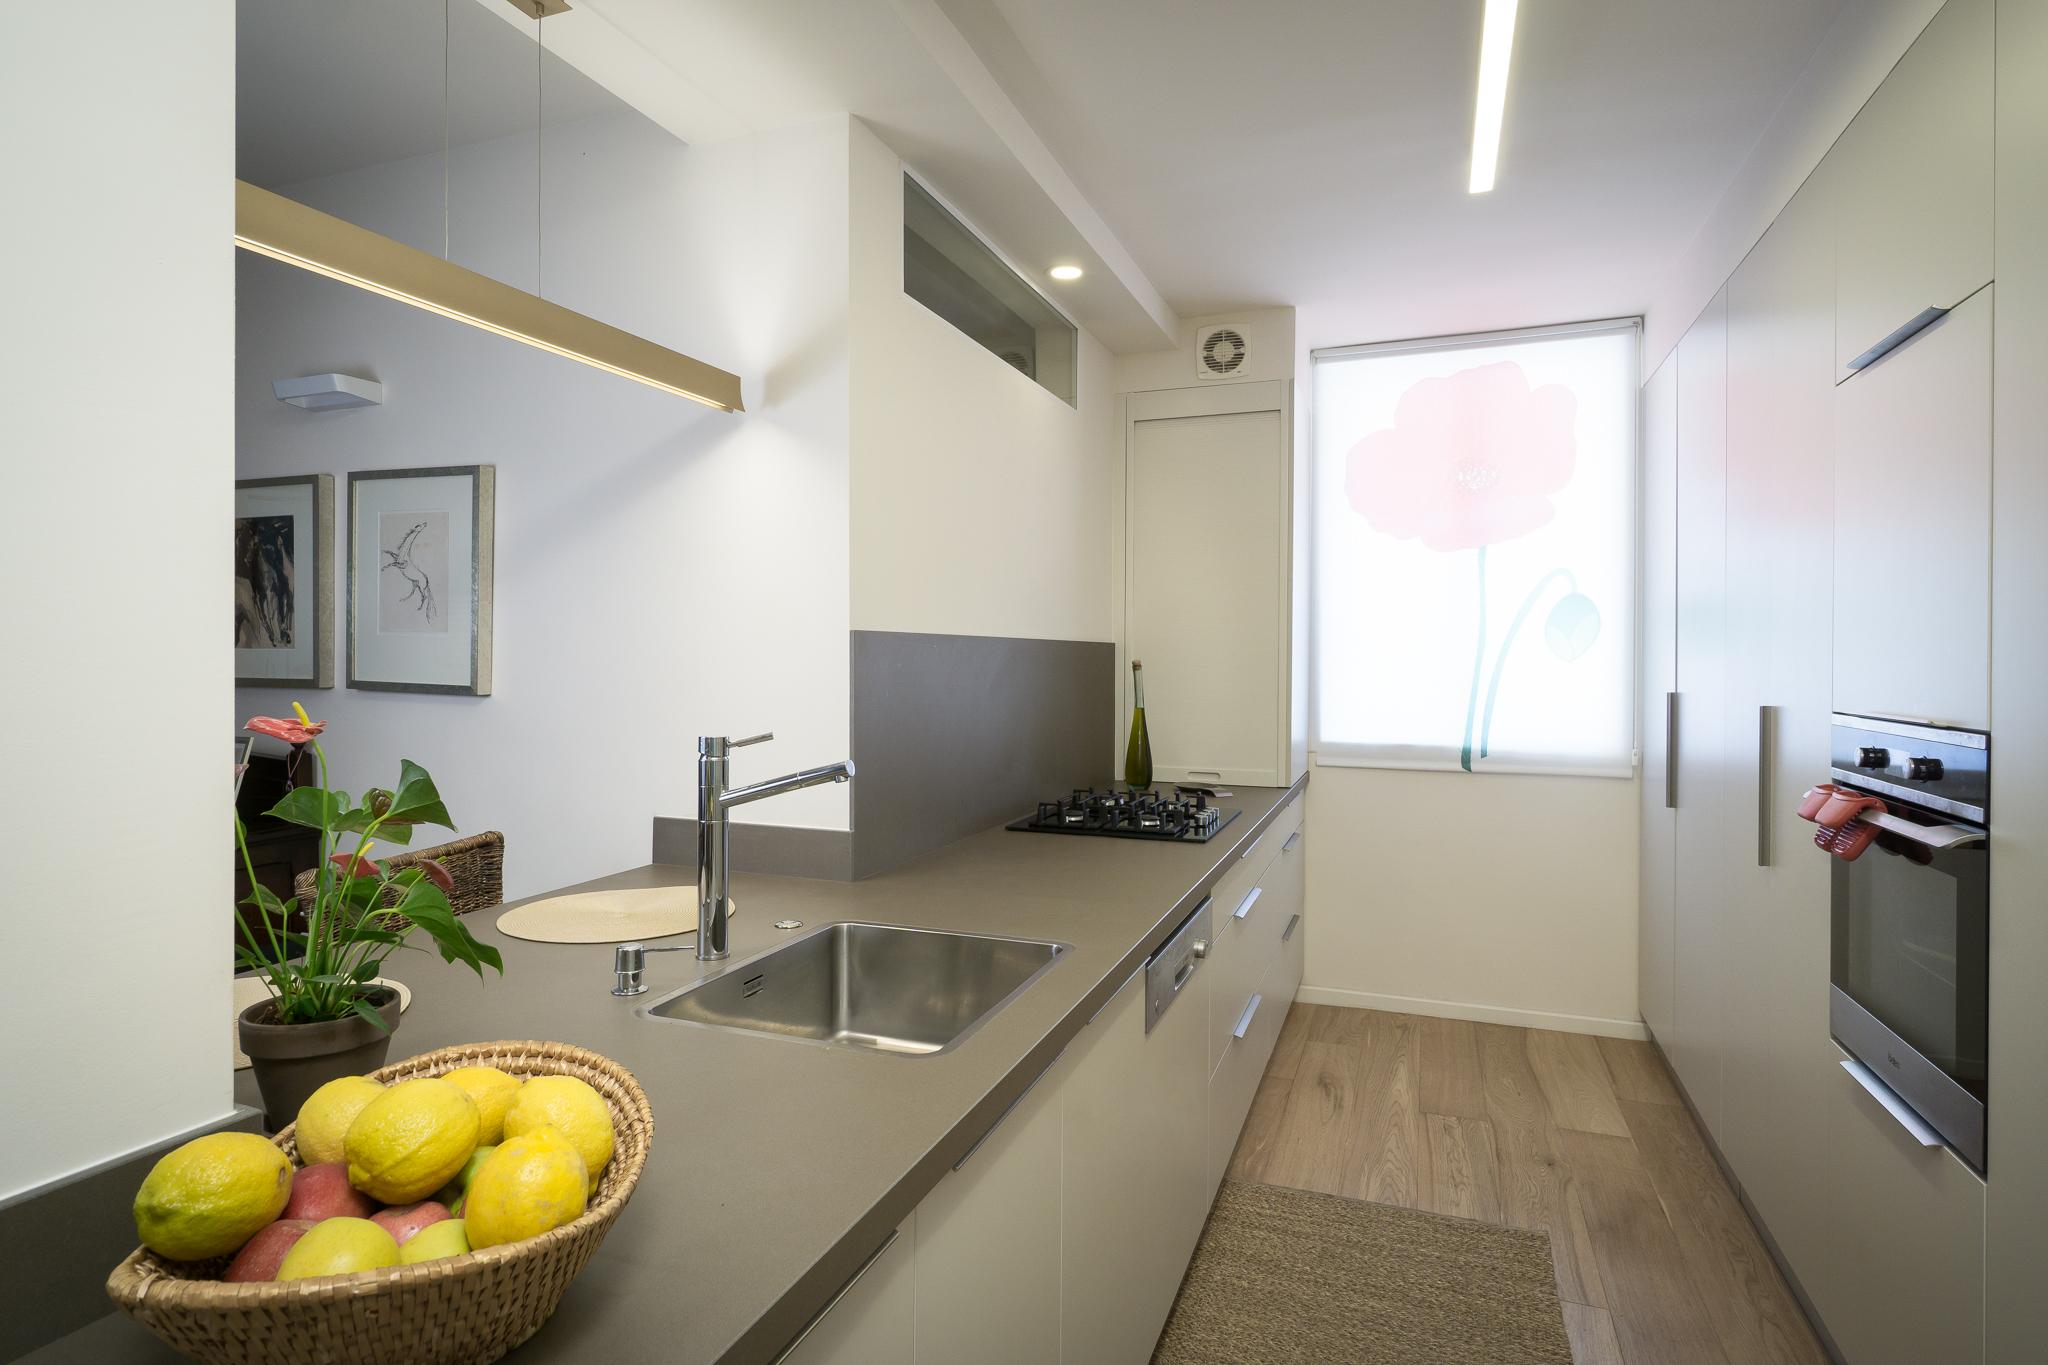 משטח עבודה למטבח - ניאוליט